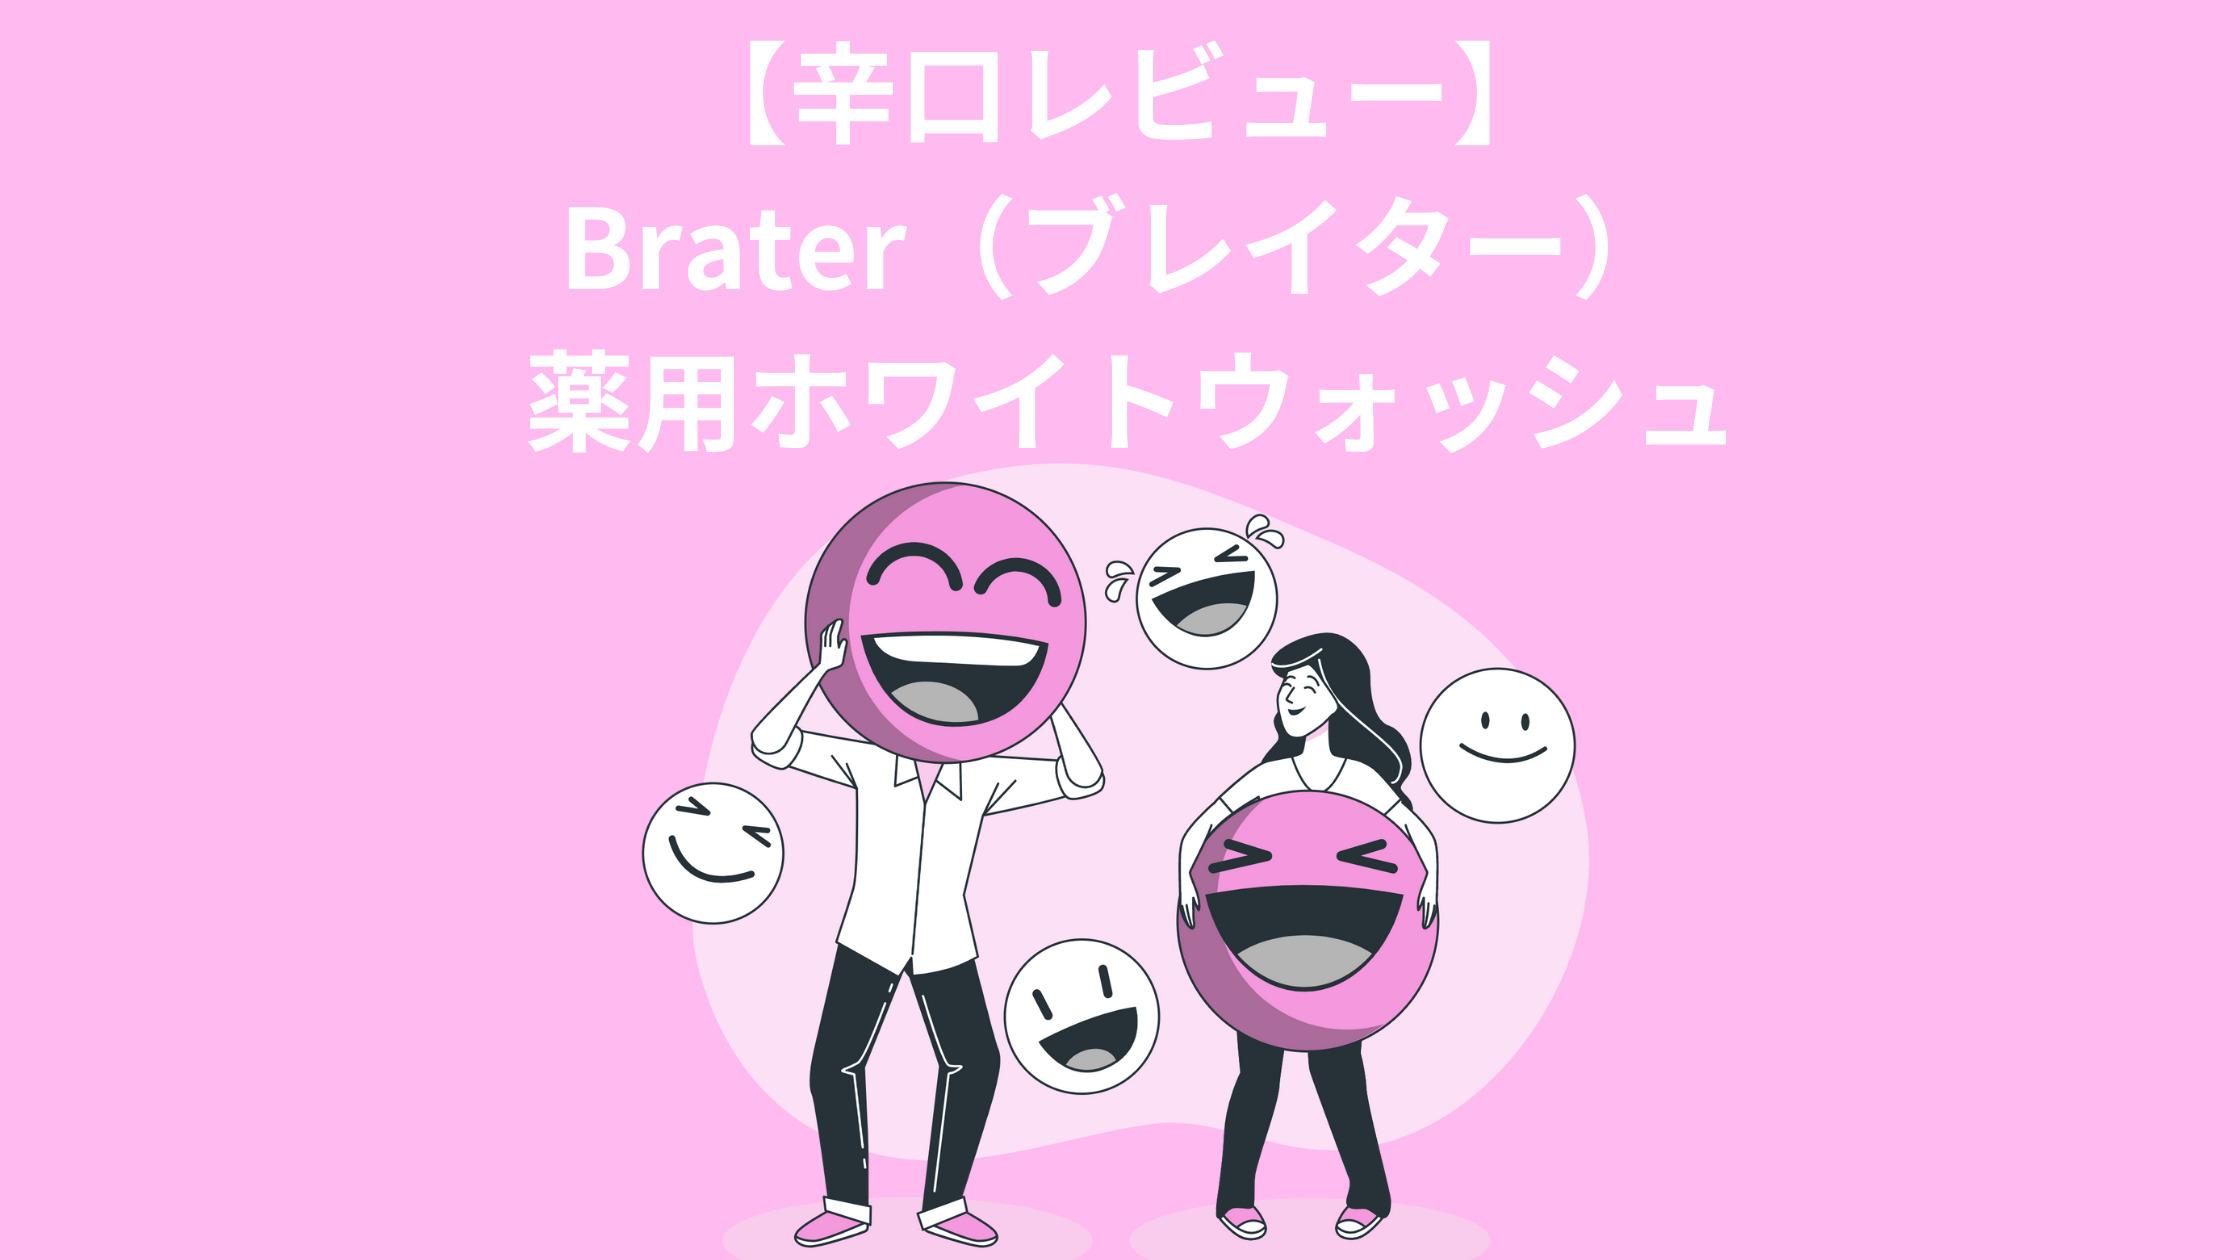 【辛口レビュー】 Brater(ブレイター) 薬用ホワイトウォッシュ